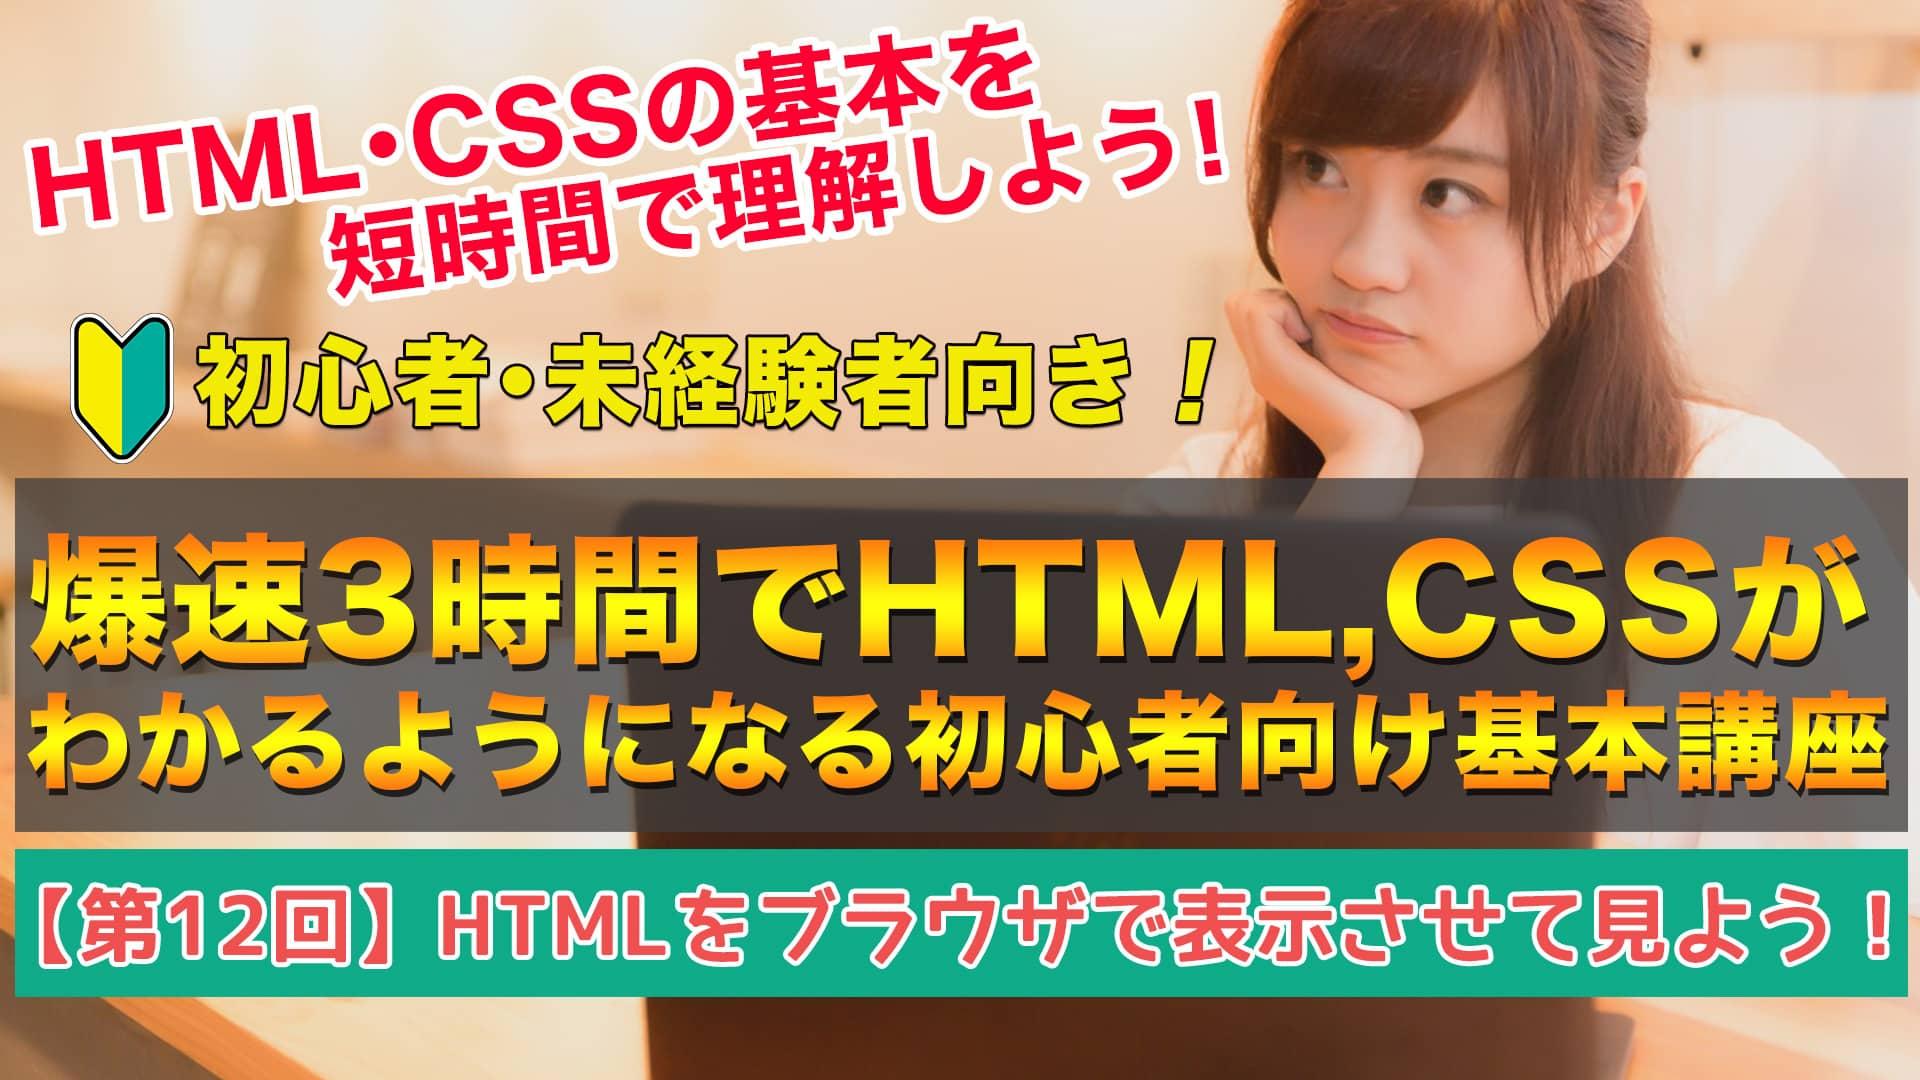 【第12回】HTMLをブラウザで表示させて見よう! | 爆速3時間でHTML,CSSがわかるようになる初心者向け基本講座